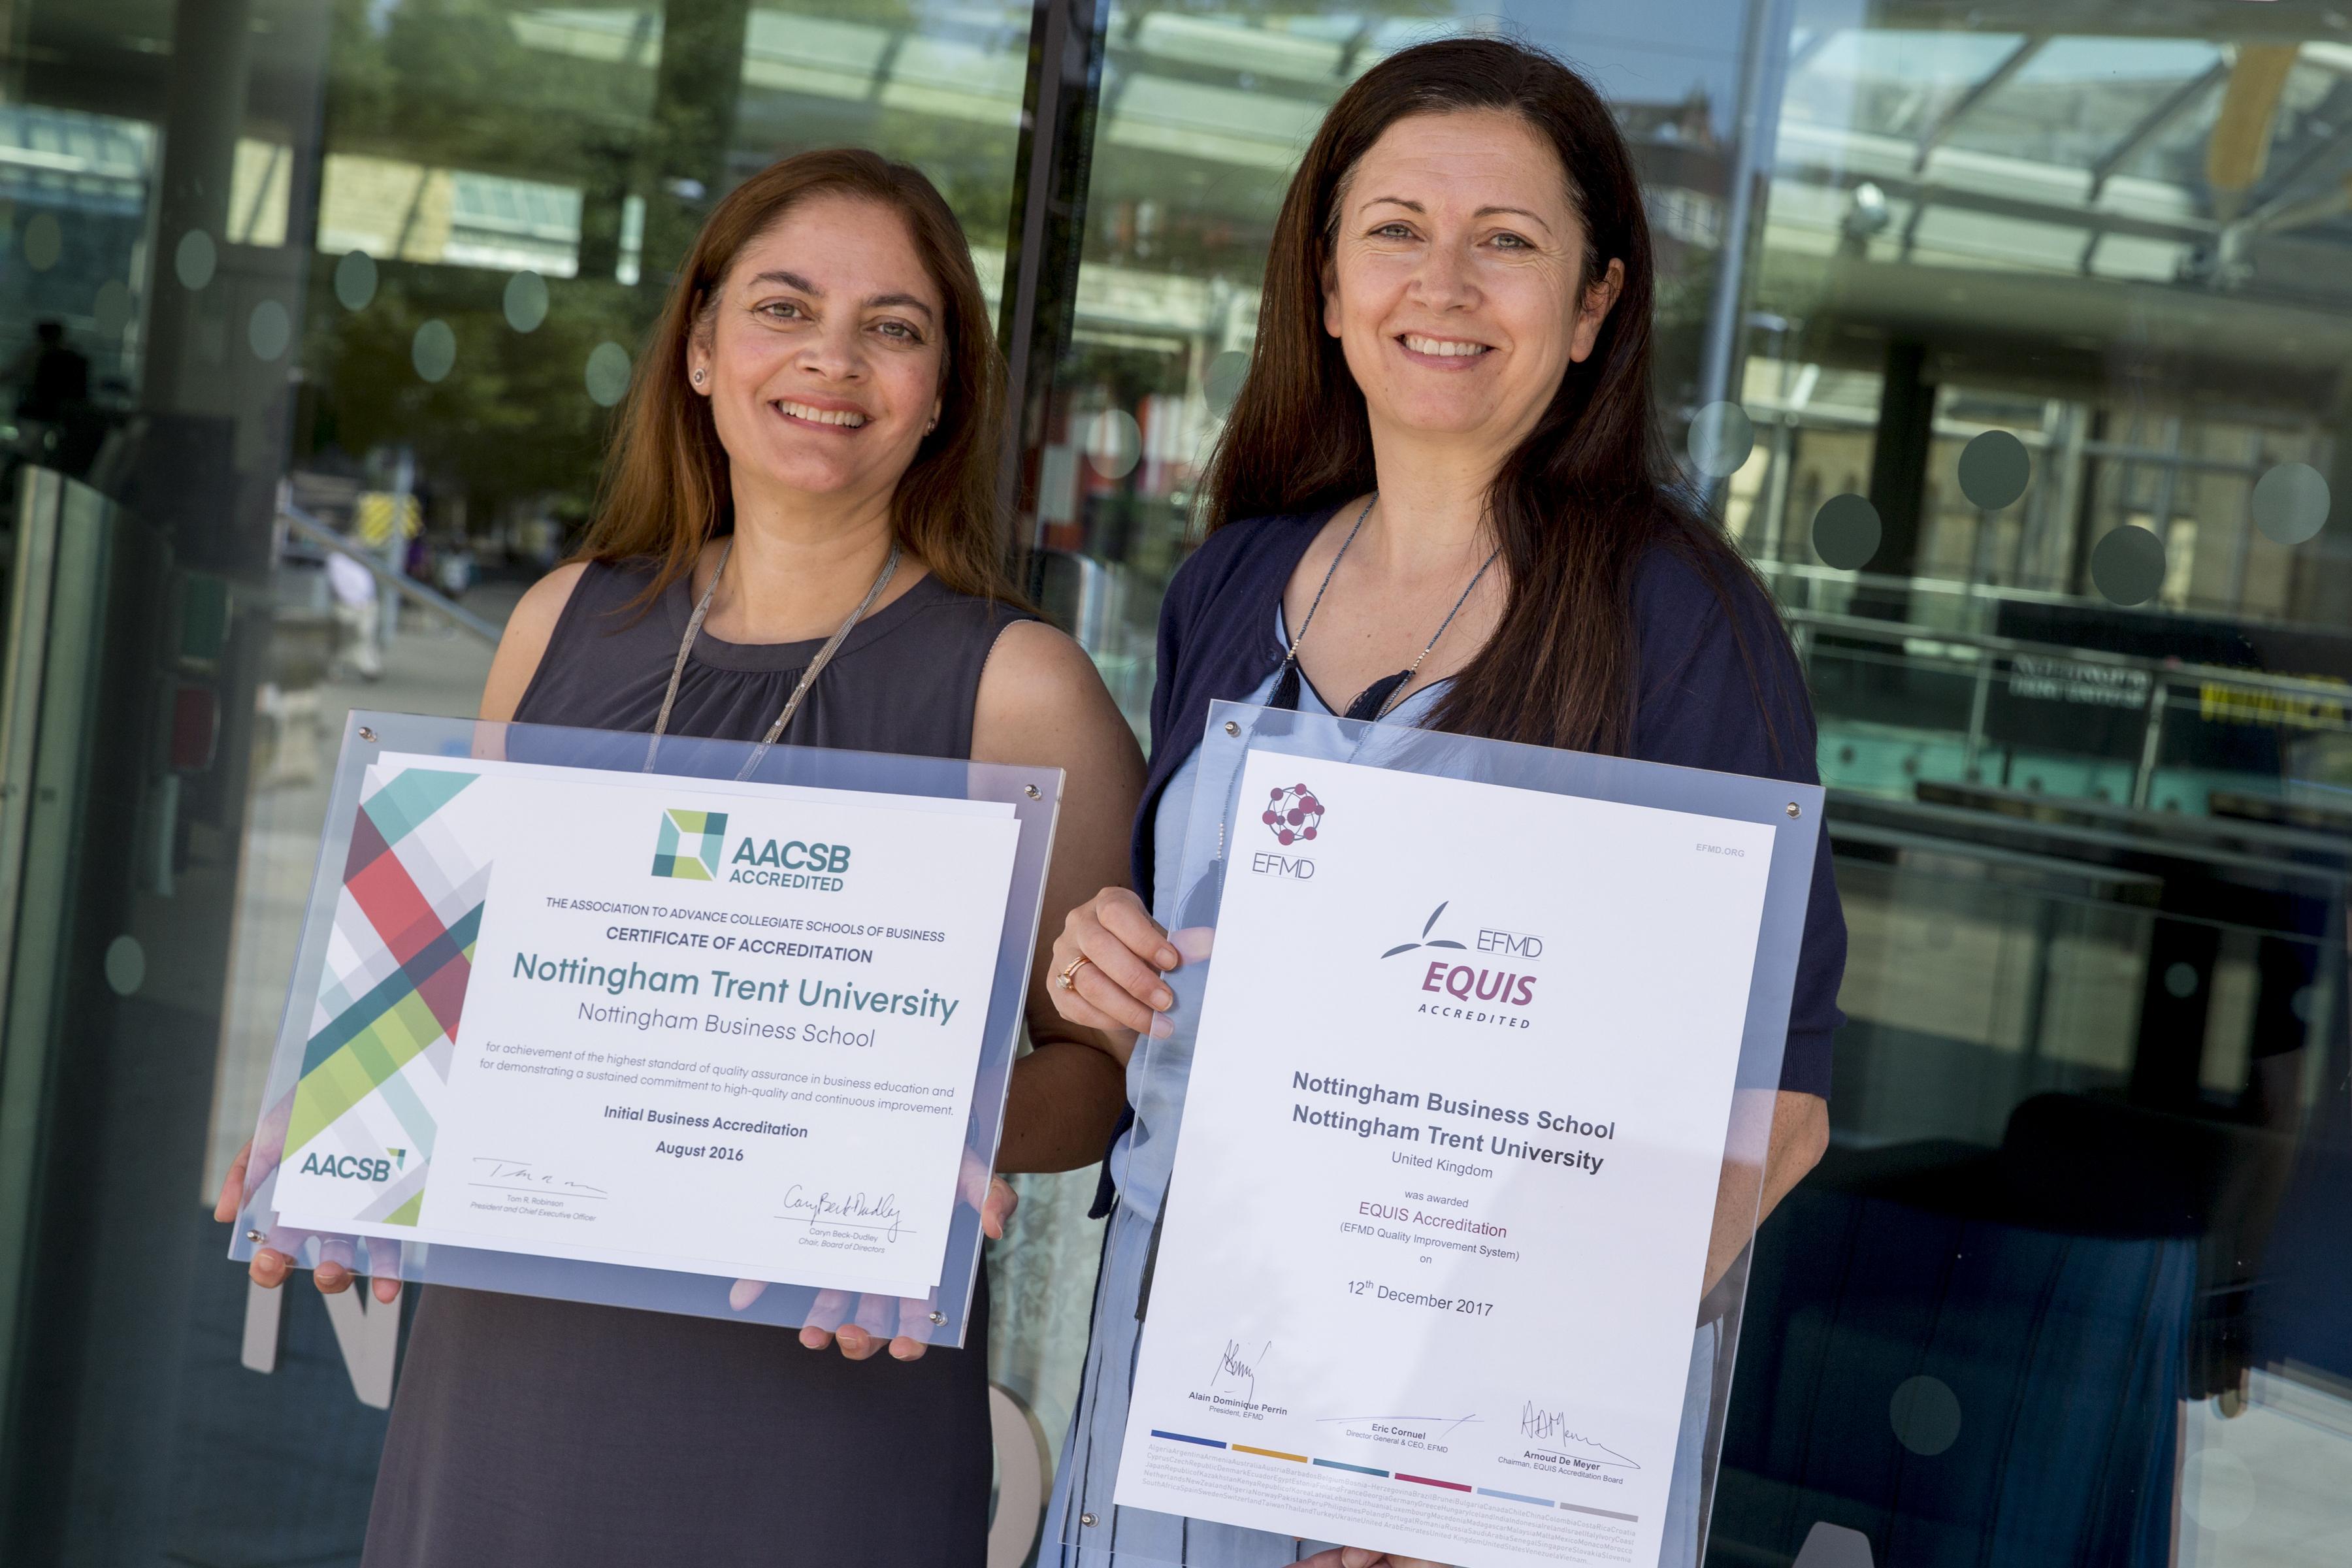 Women In Leadership Programme - Nottingham Trent University